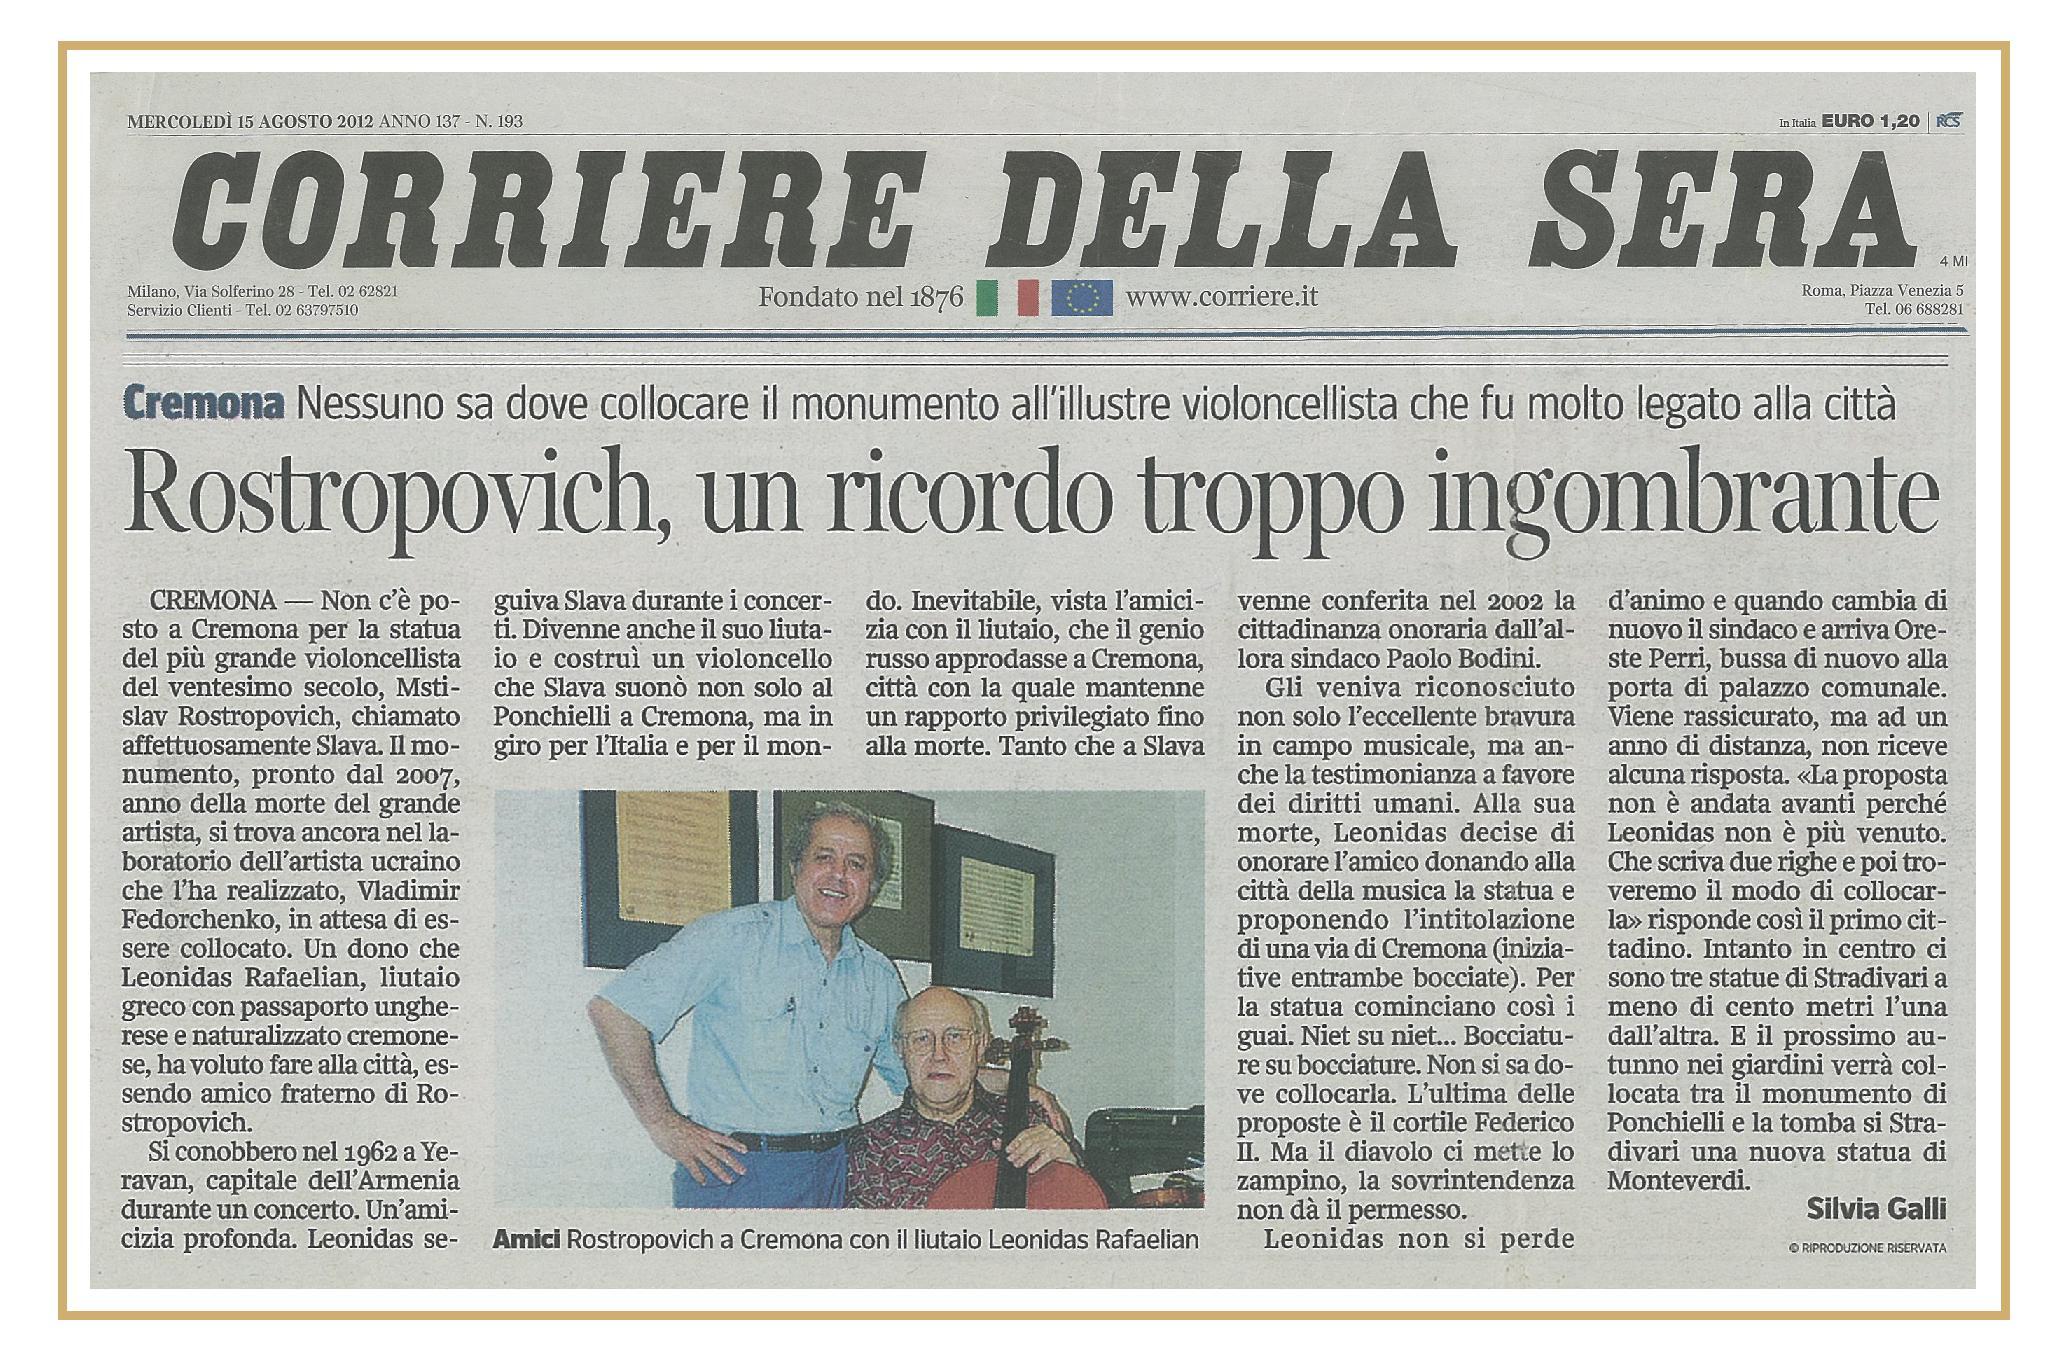 In Corriere della Sera 2012/08